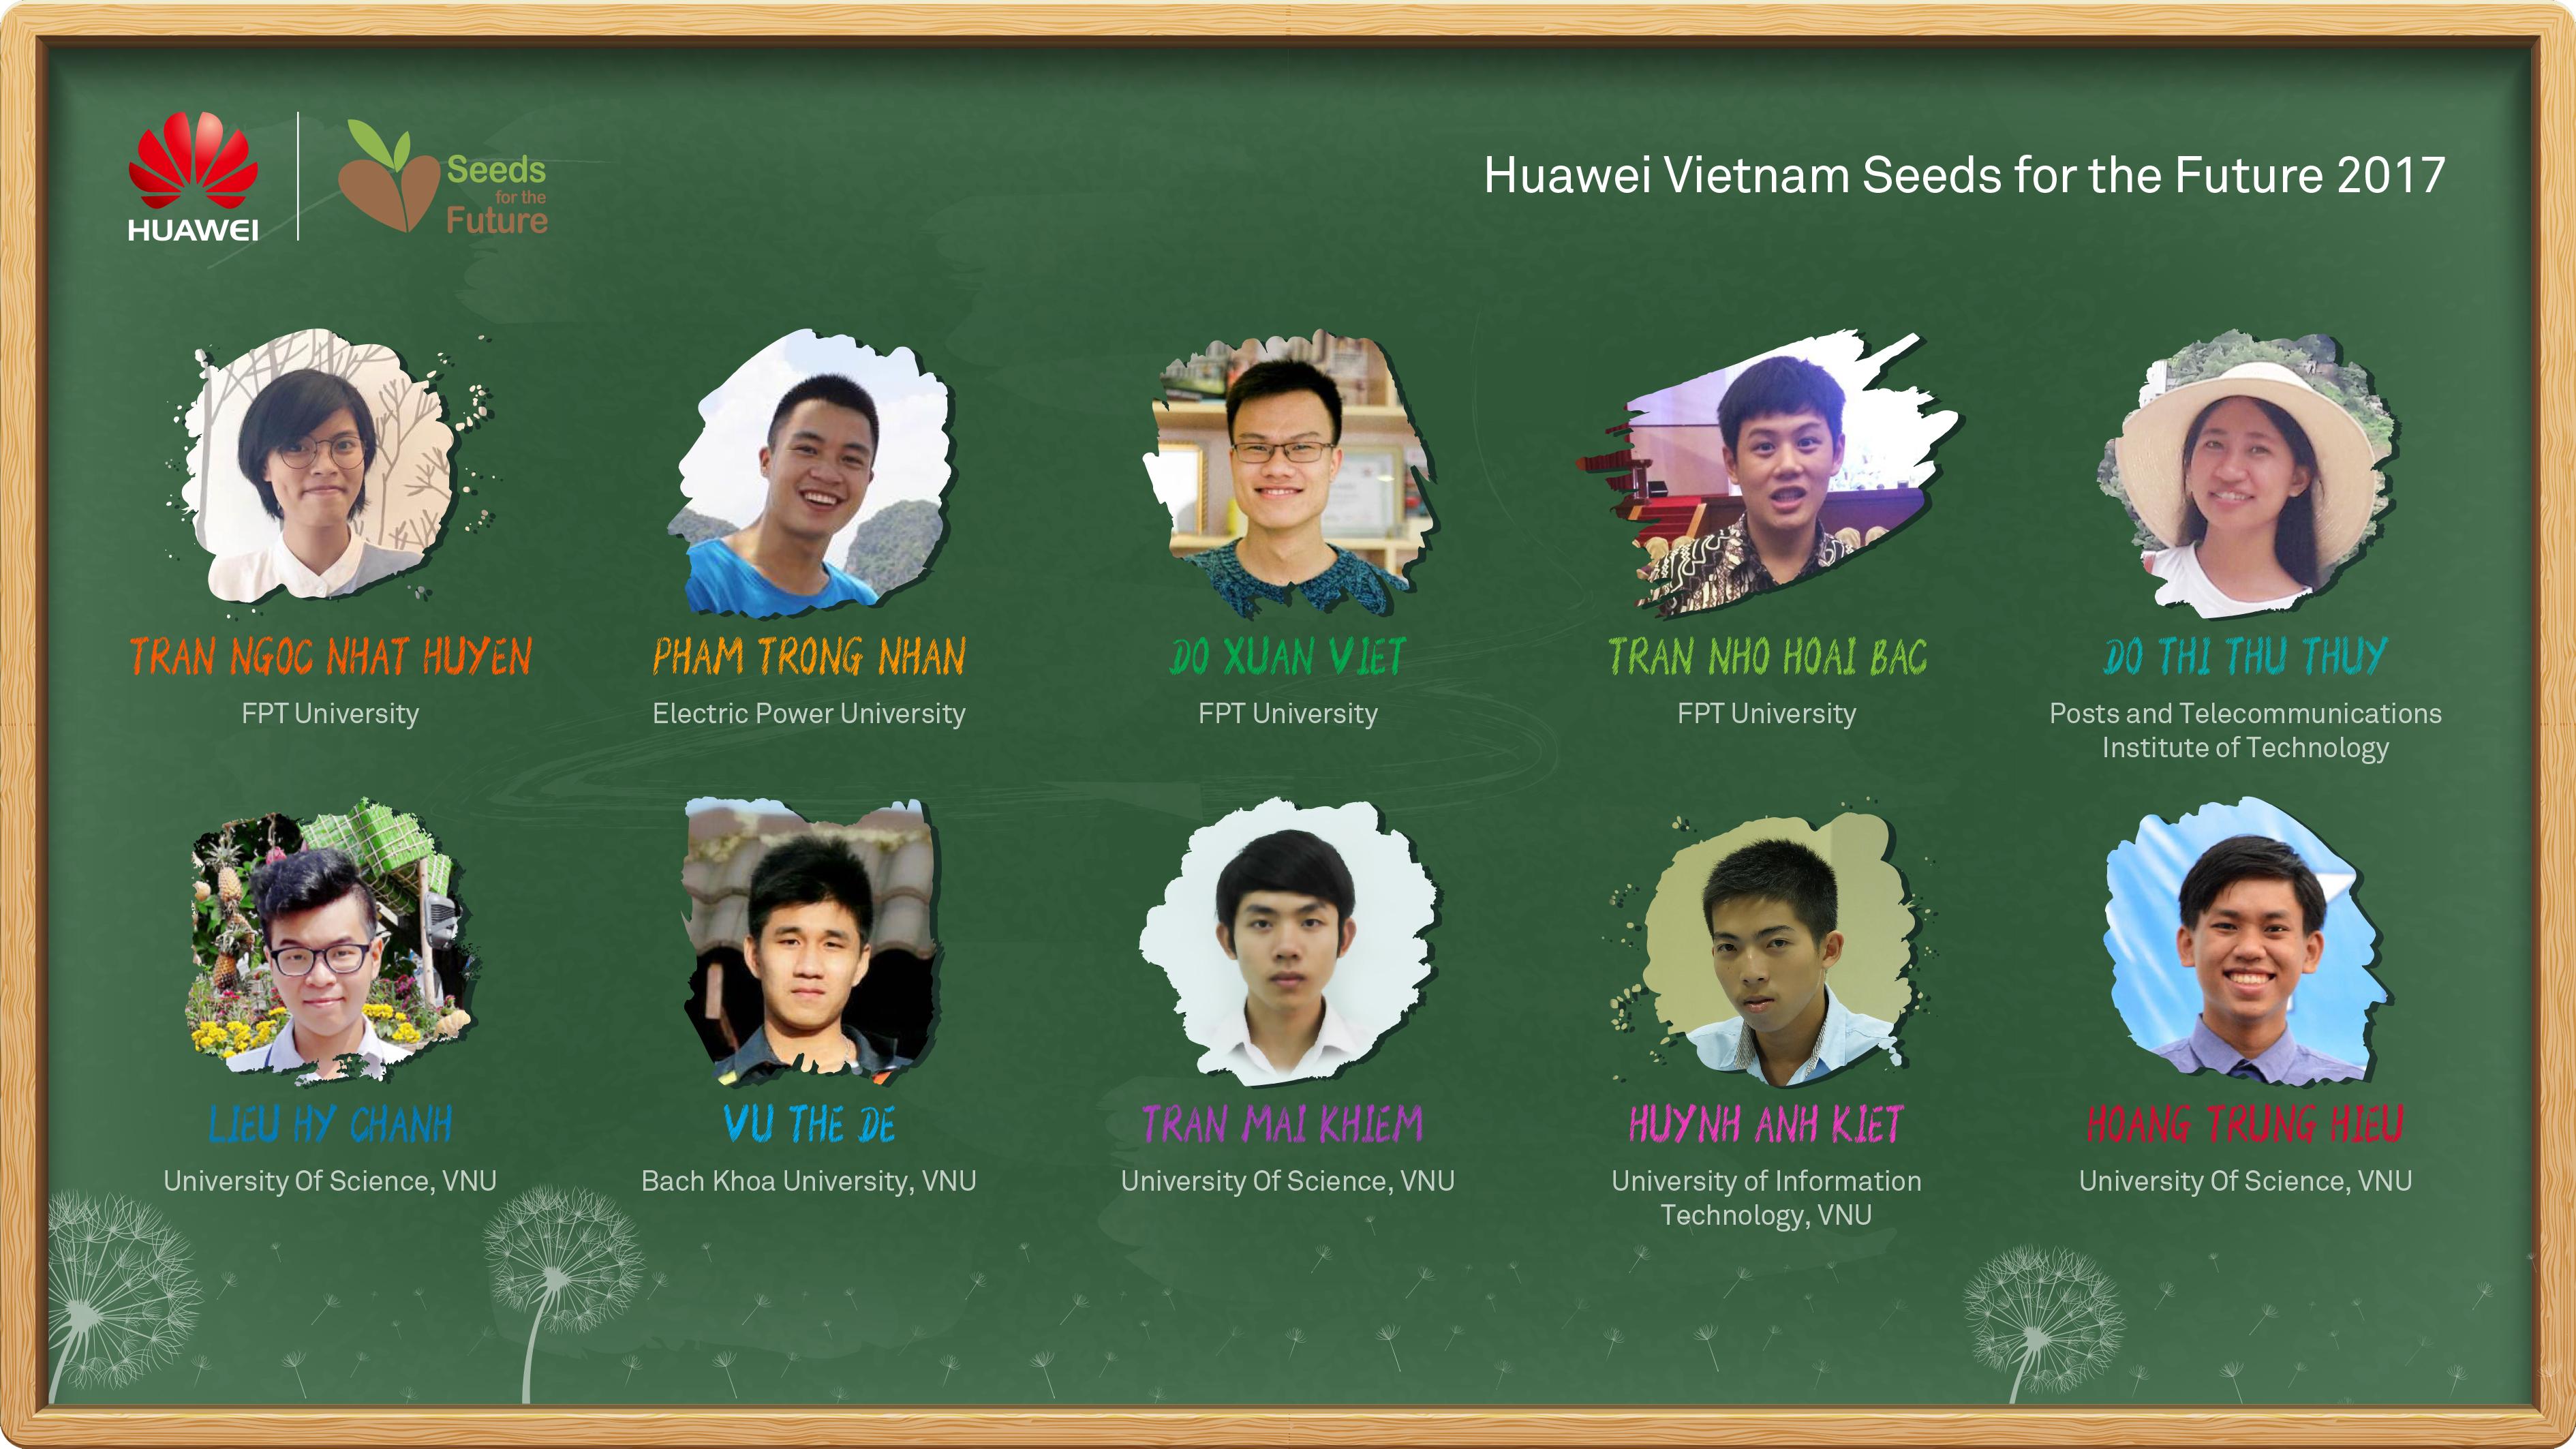 Vietnam Students list Seeds for the Future 2017 - 10 sinh viên ưu tú được nhận Học bổng Hạt giống Viễn thông Tương lai 2017 của Huawei